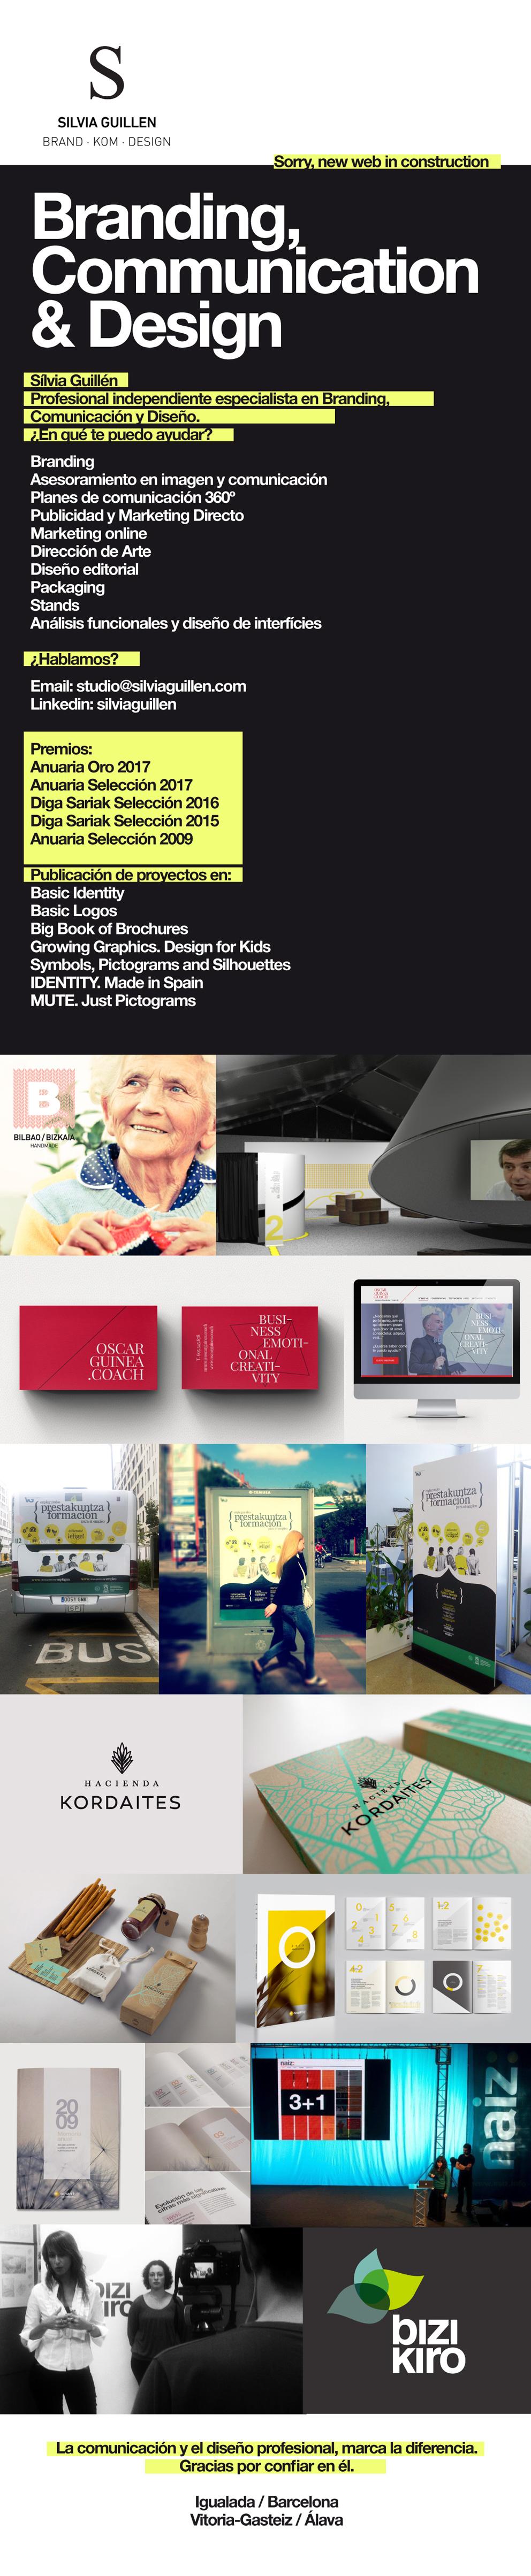 Sílvia Guillén - Branding, Comunicación y Diseño en Igualada (Barcelona) y Vitoria-Gasteiz (Álava)